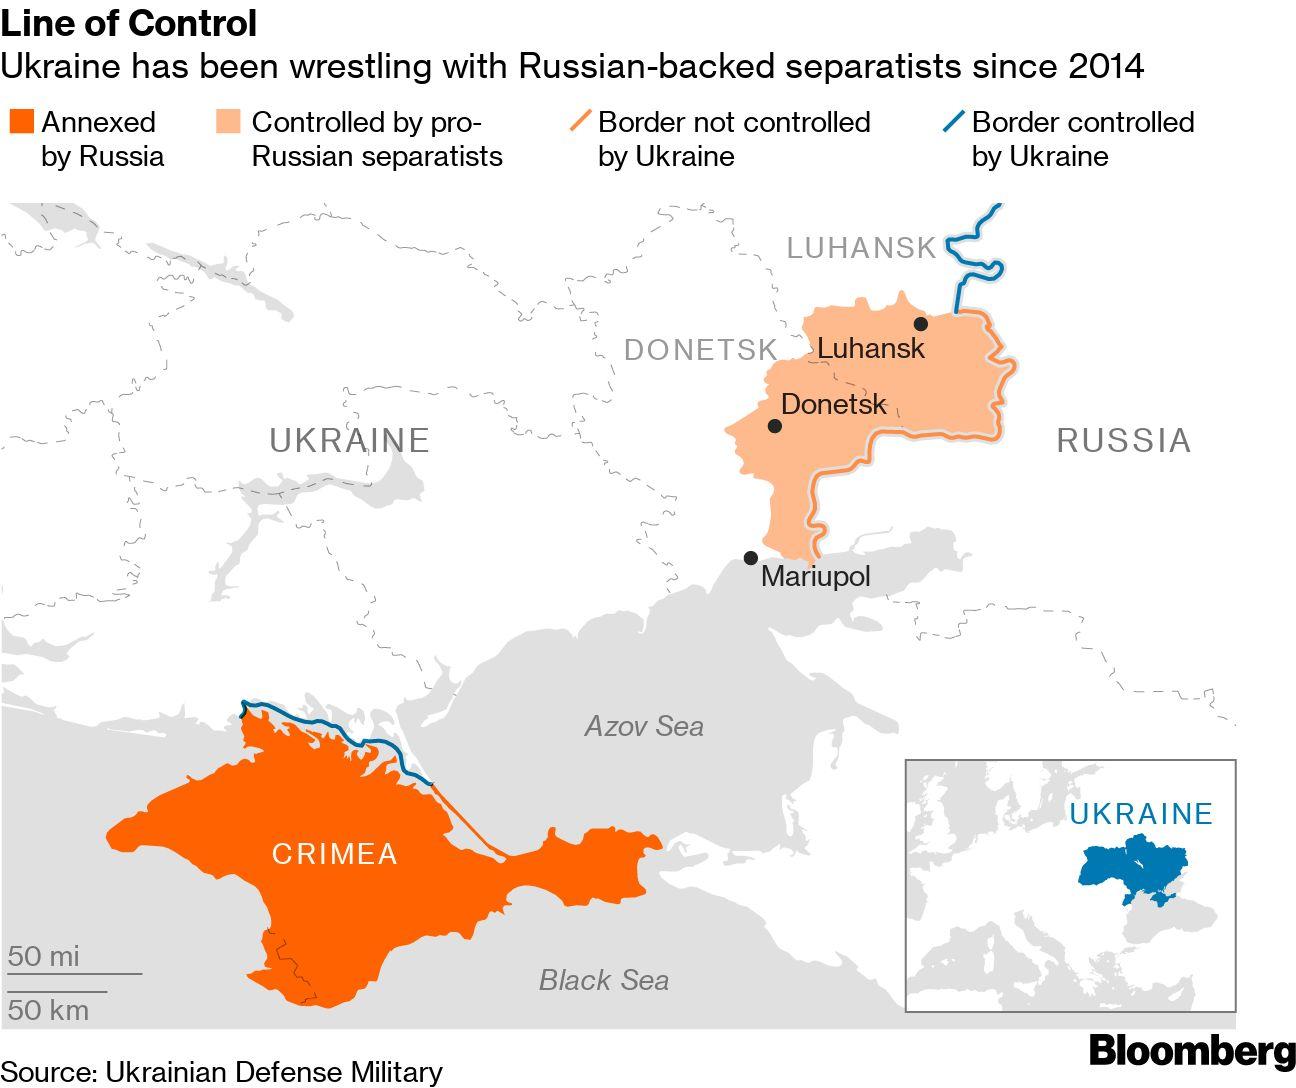 Ukraine, Rebels Complete Prisoner Swap Under Deal With Putin